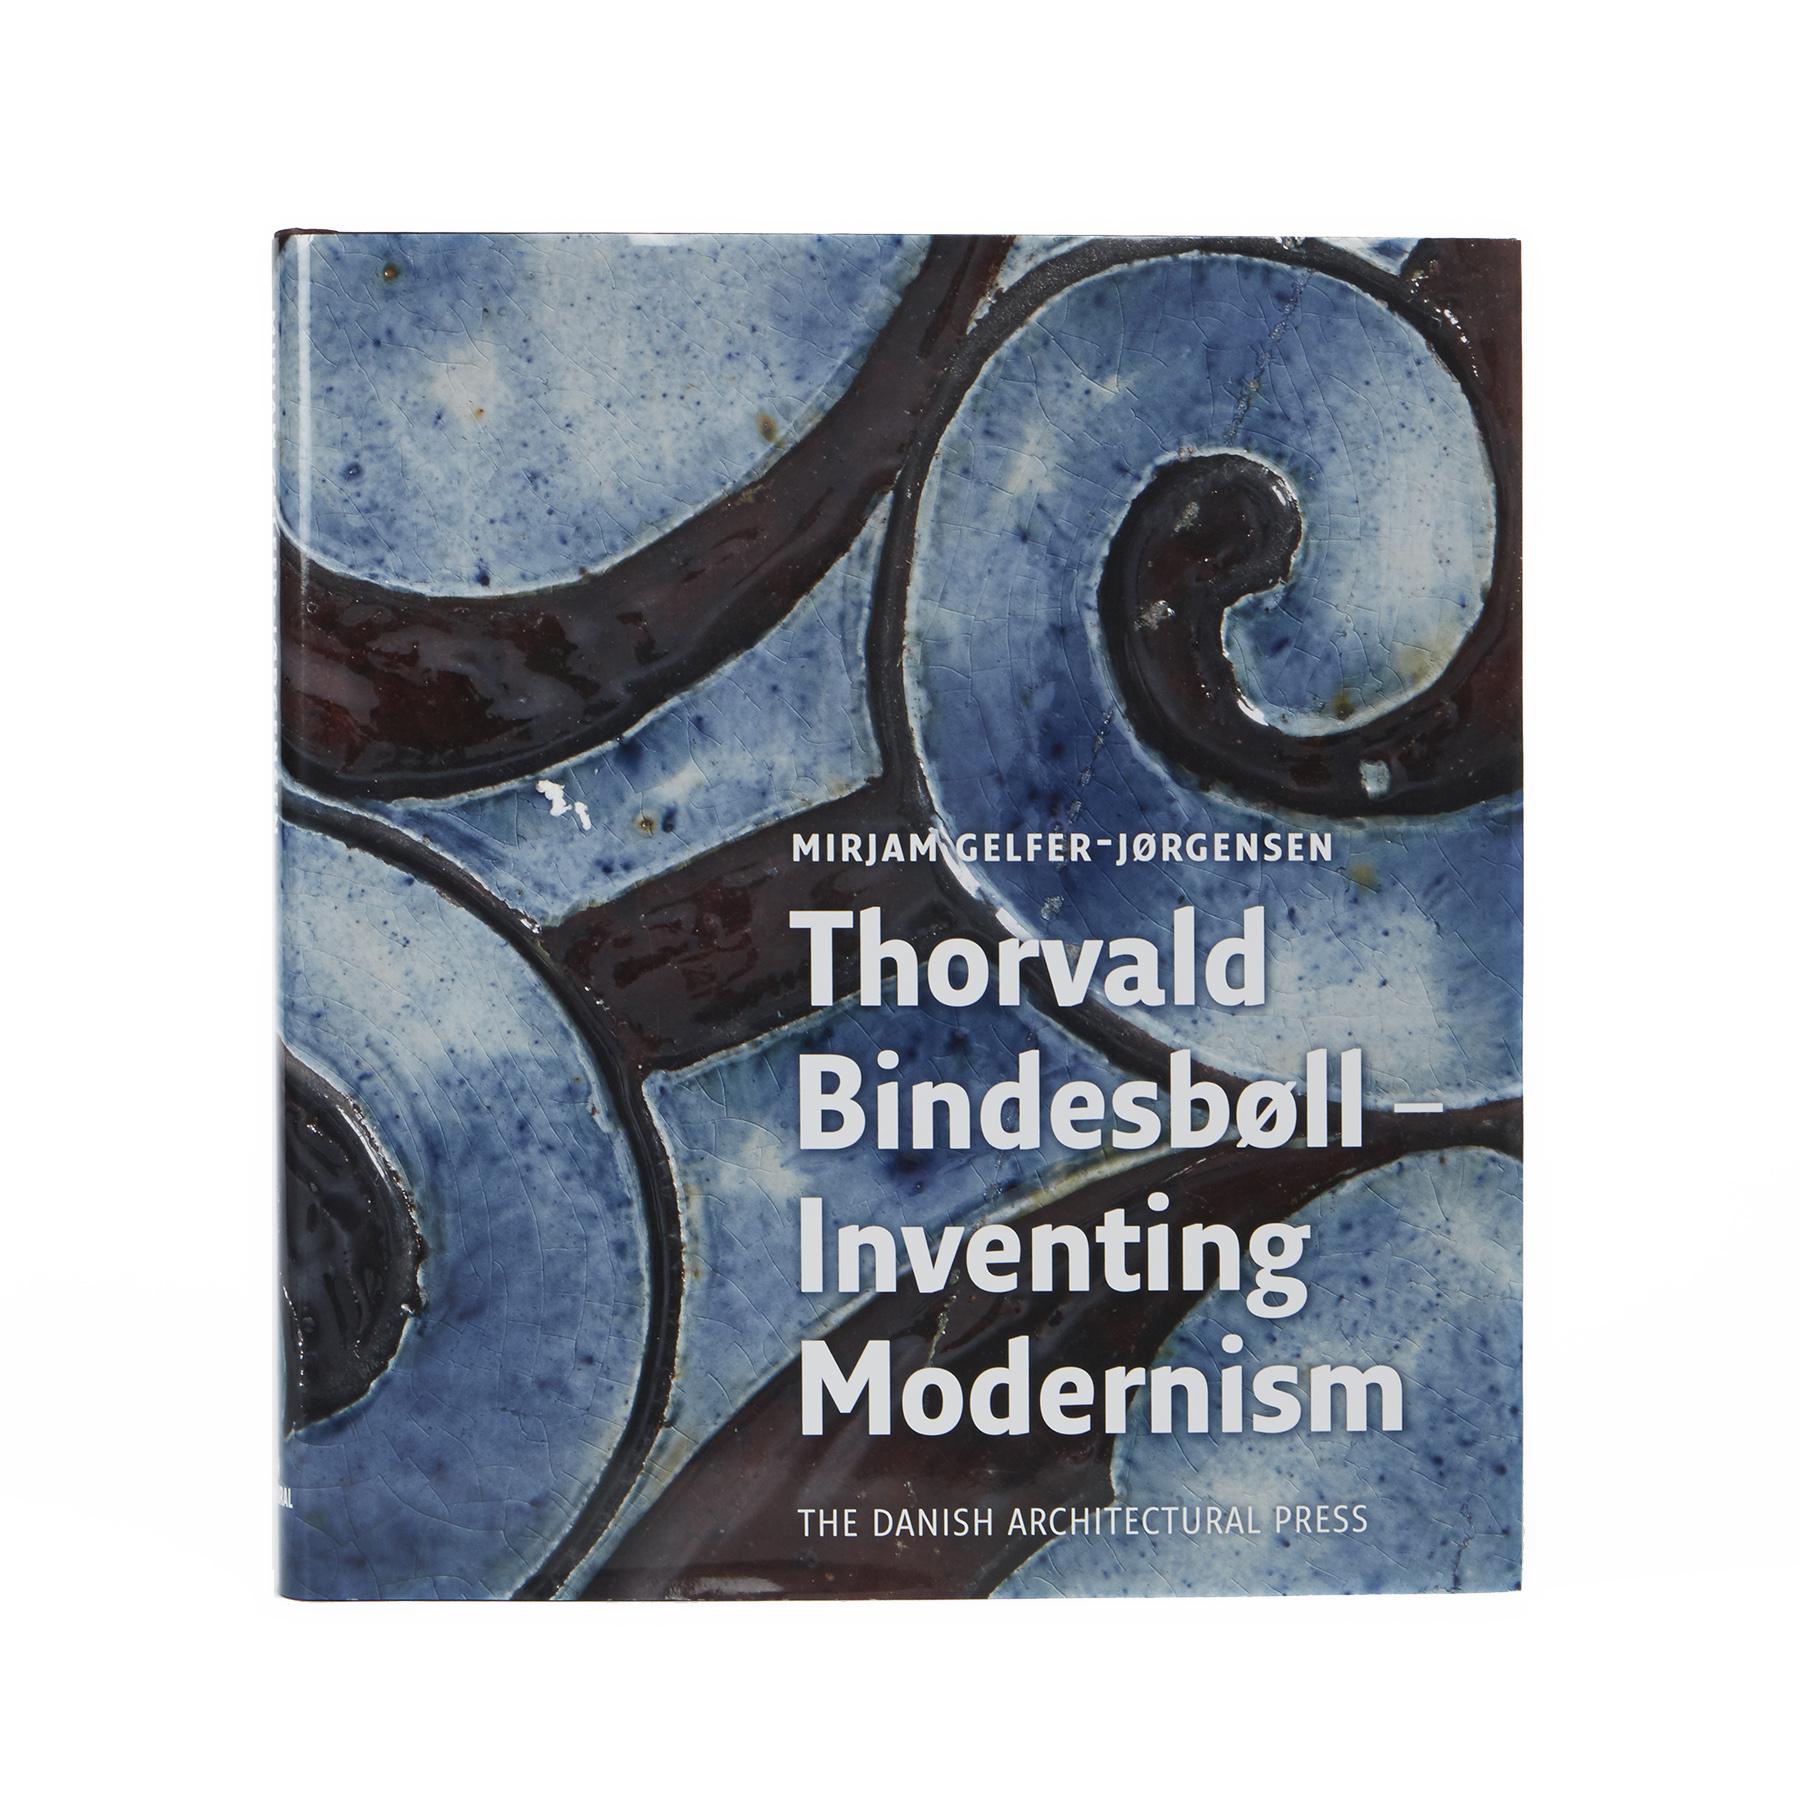 Thorvald Bindesbøll - Inventing Modernism